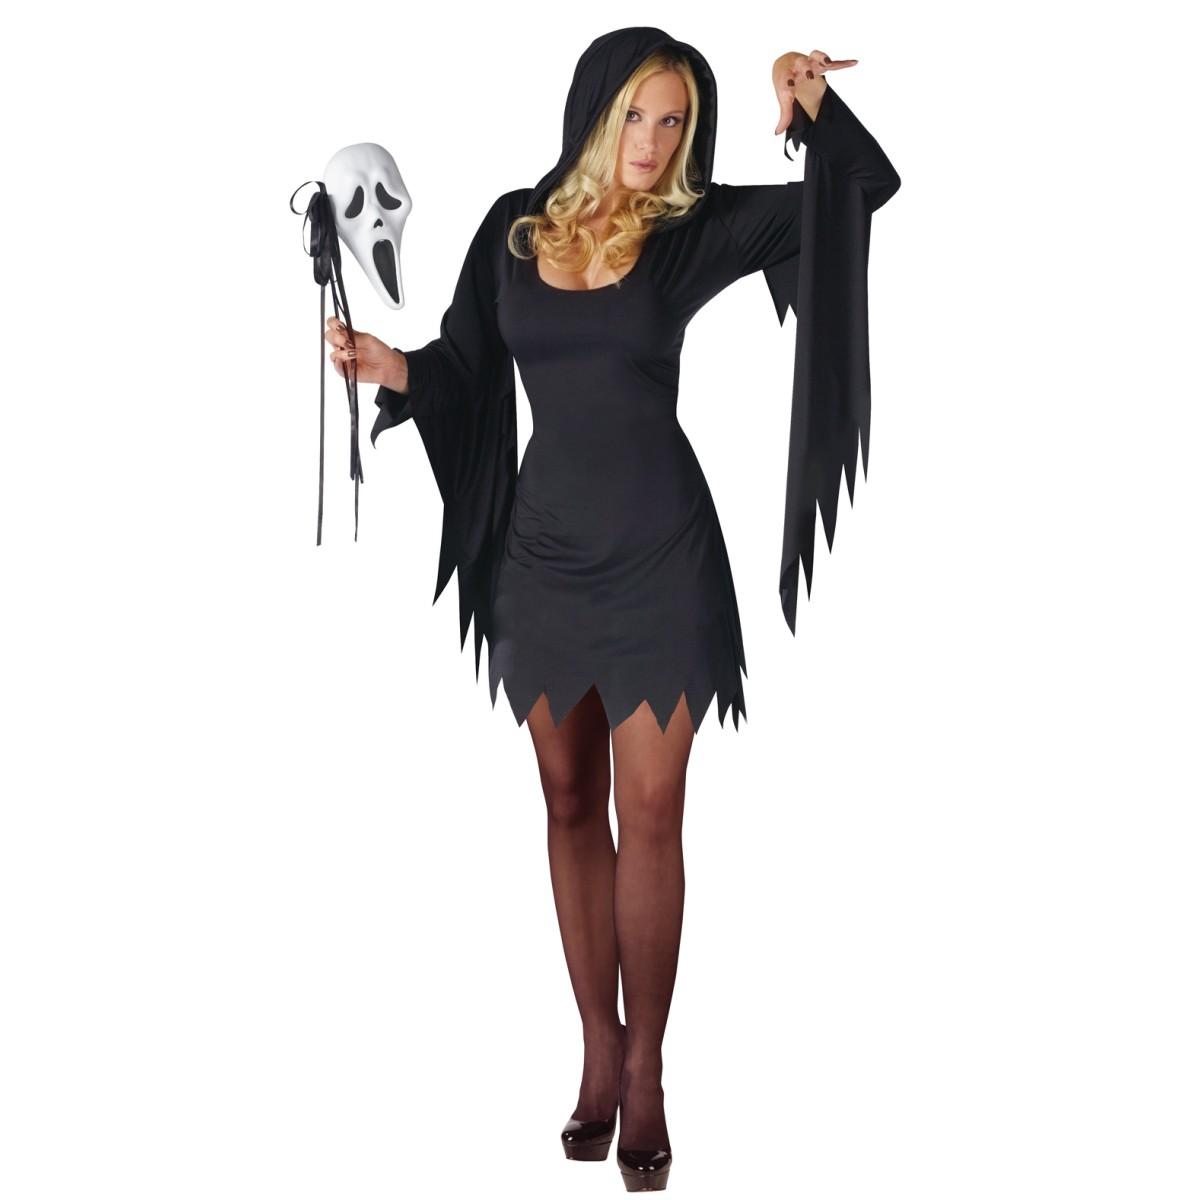 在庫処分市 ハロウィン スクリーム お化け コスプレ 衣装 大人 女性用 レディース コスチューム セクシー ワンピース 黒 ブラック あす楽